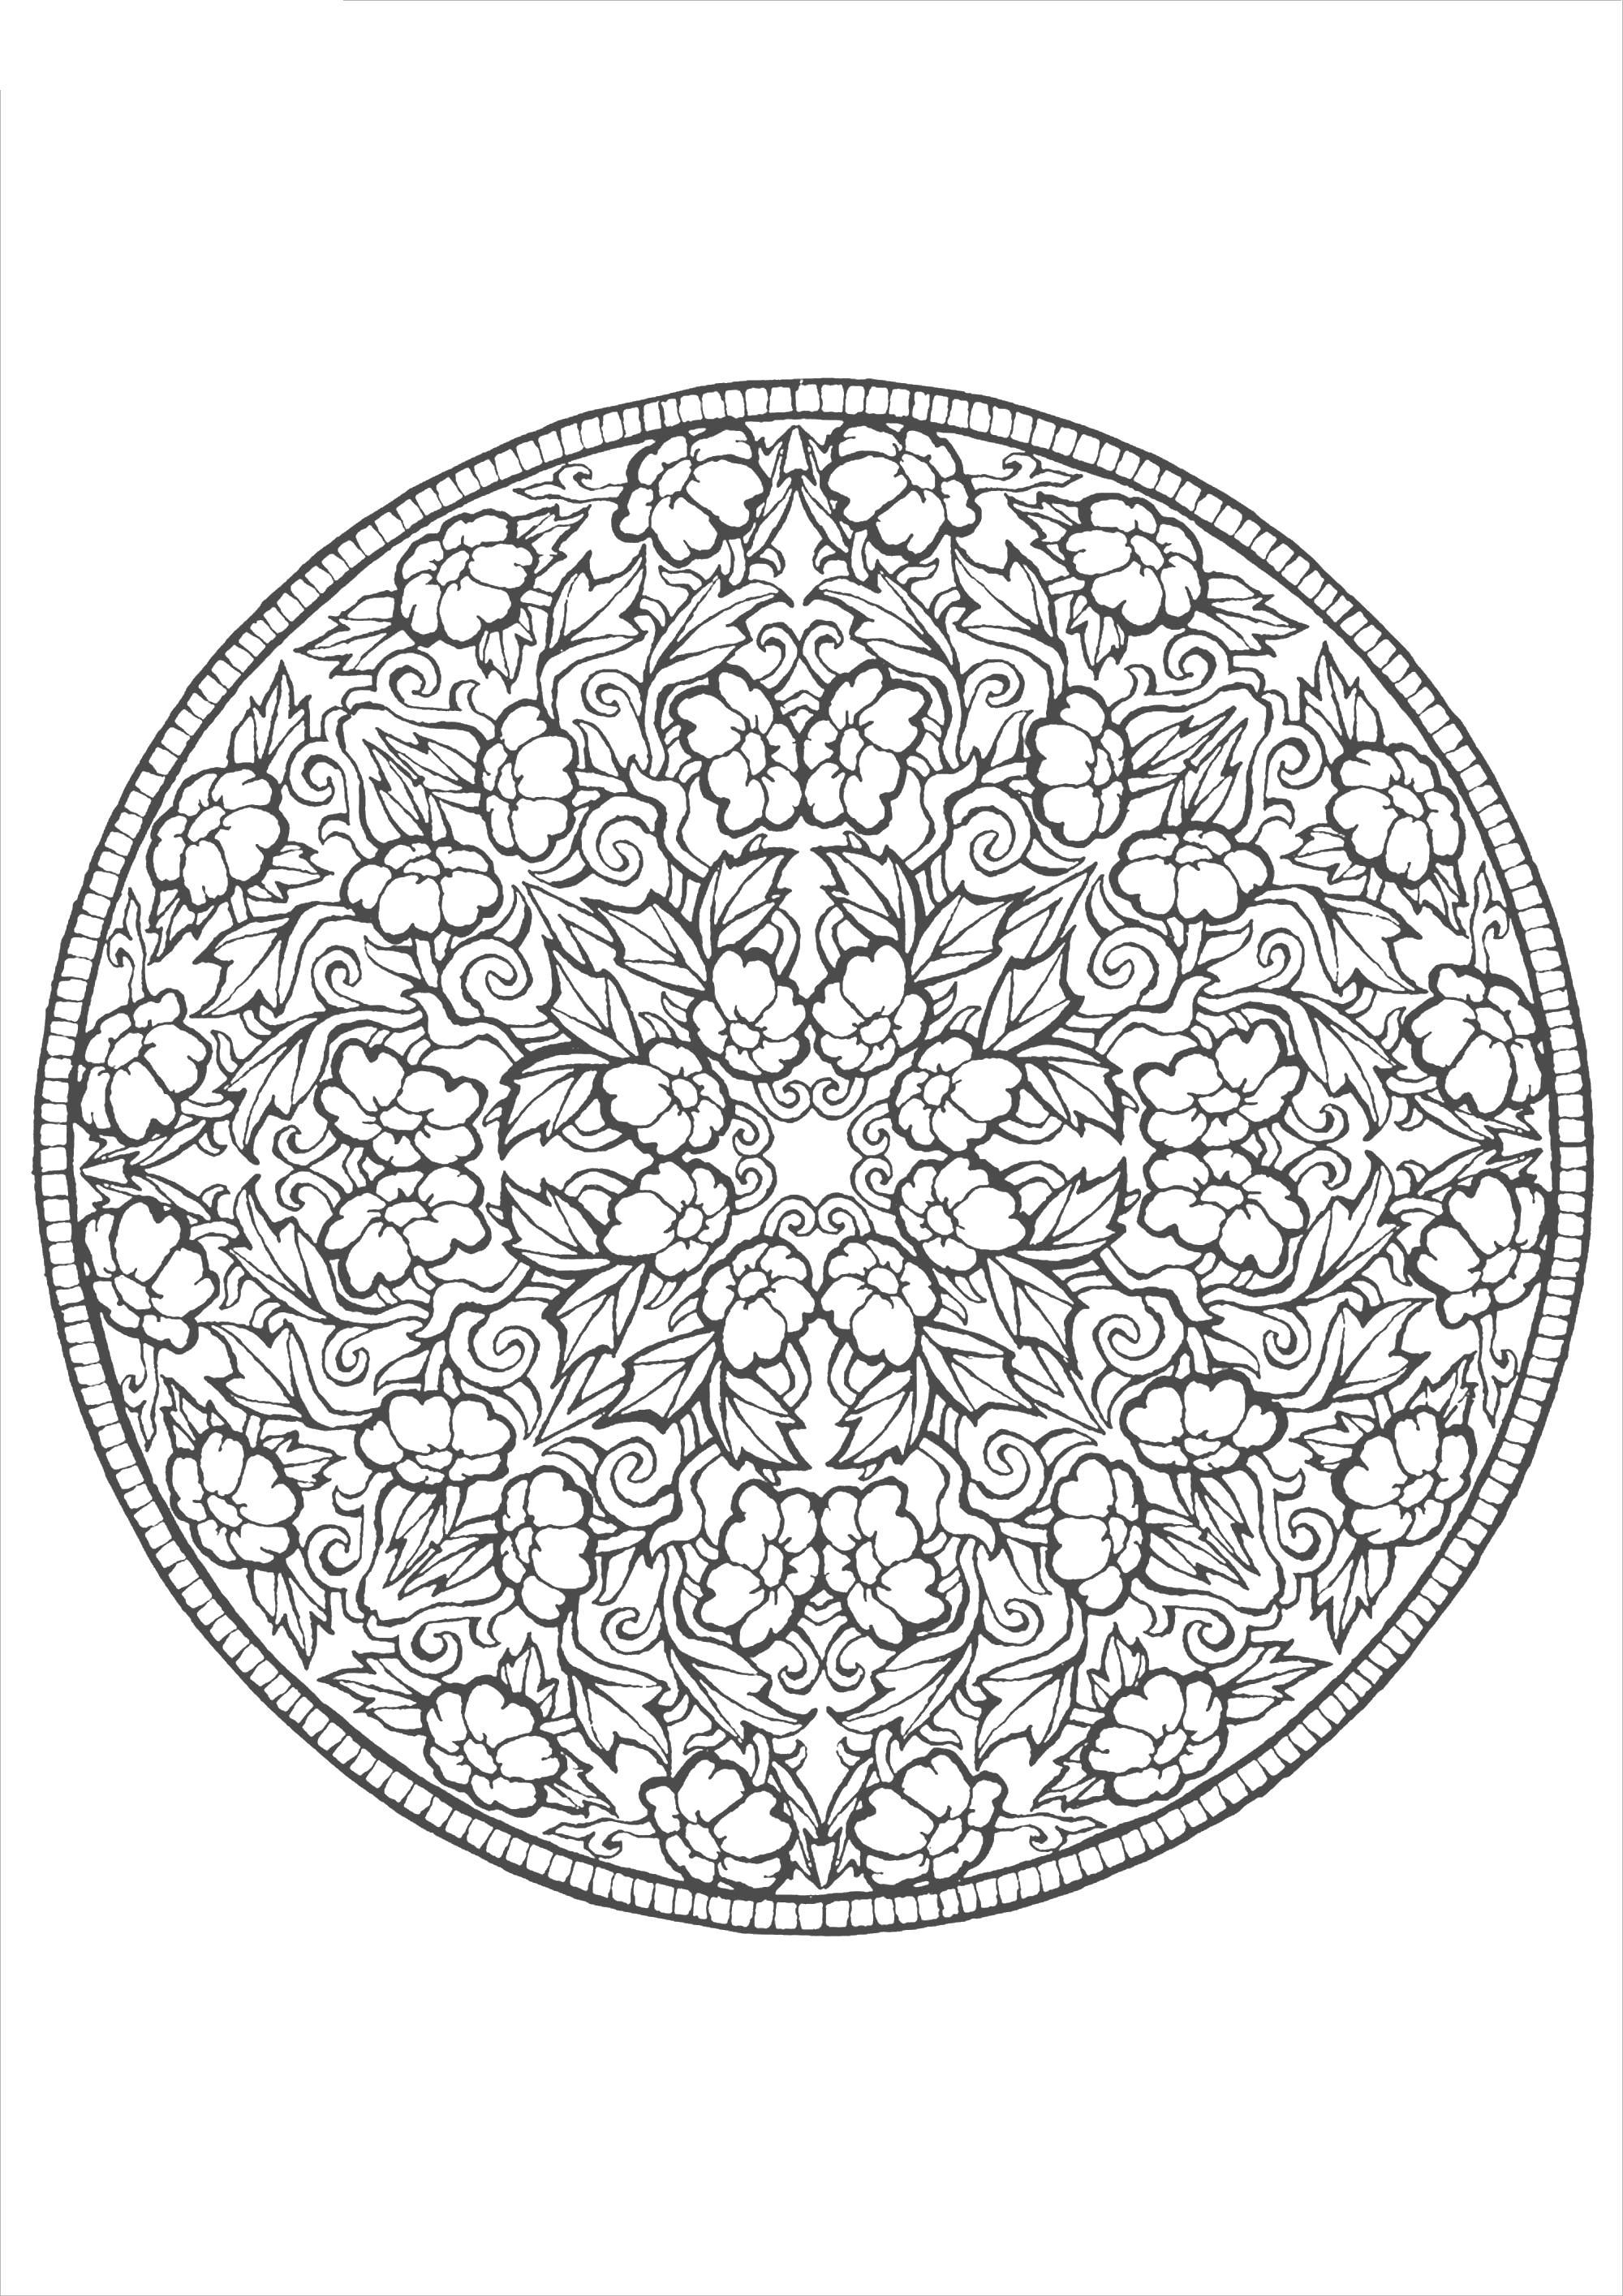 Цветы и листья в круглом узоре Раскраски для взрослых антистресс